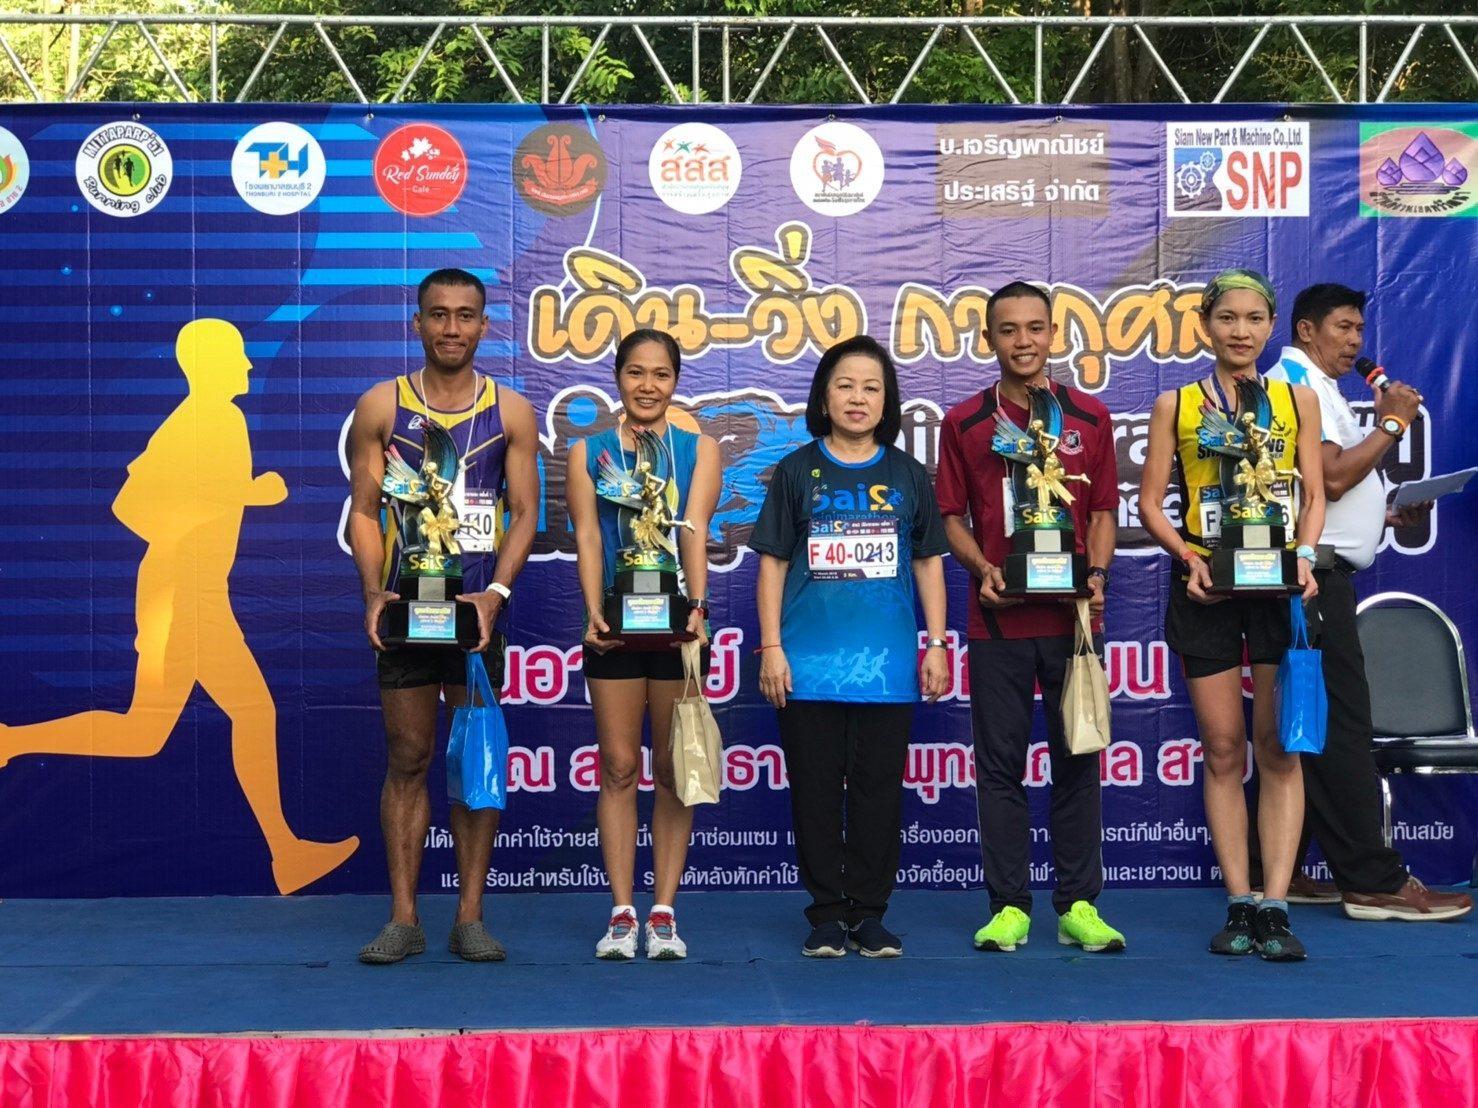 รพ.ธนบุรี2 สนับสนุนหน่วยปฐมพยาบาล กิจกรรมเดิน-วิ่งการกุศล Sai2 minimarathon 2019 ครั้งที่ 1